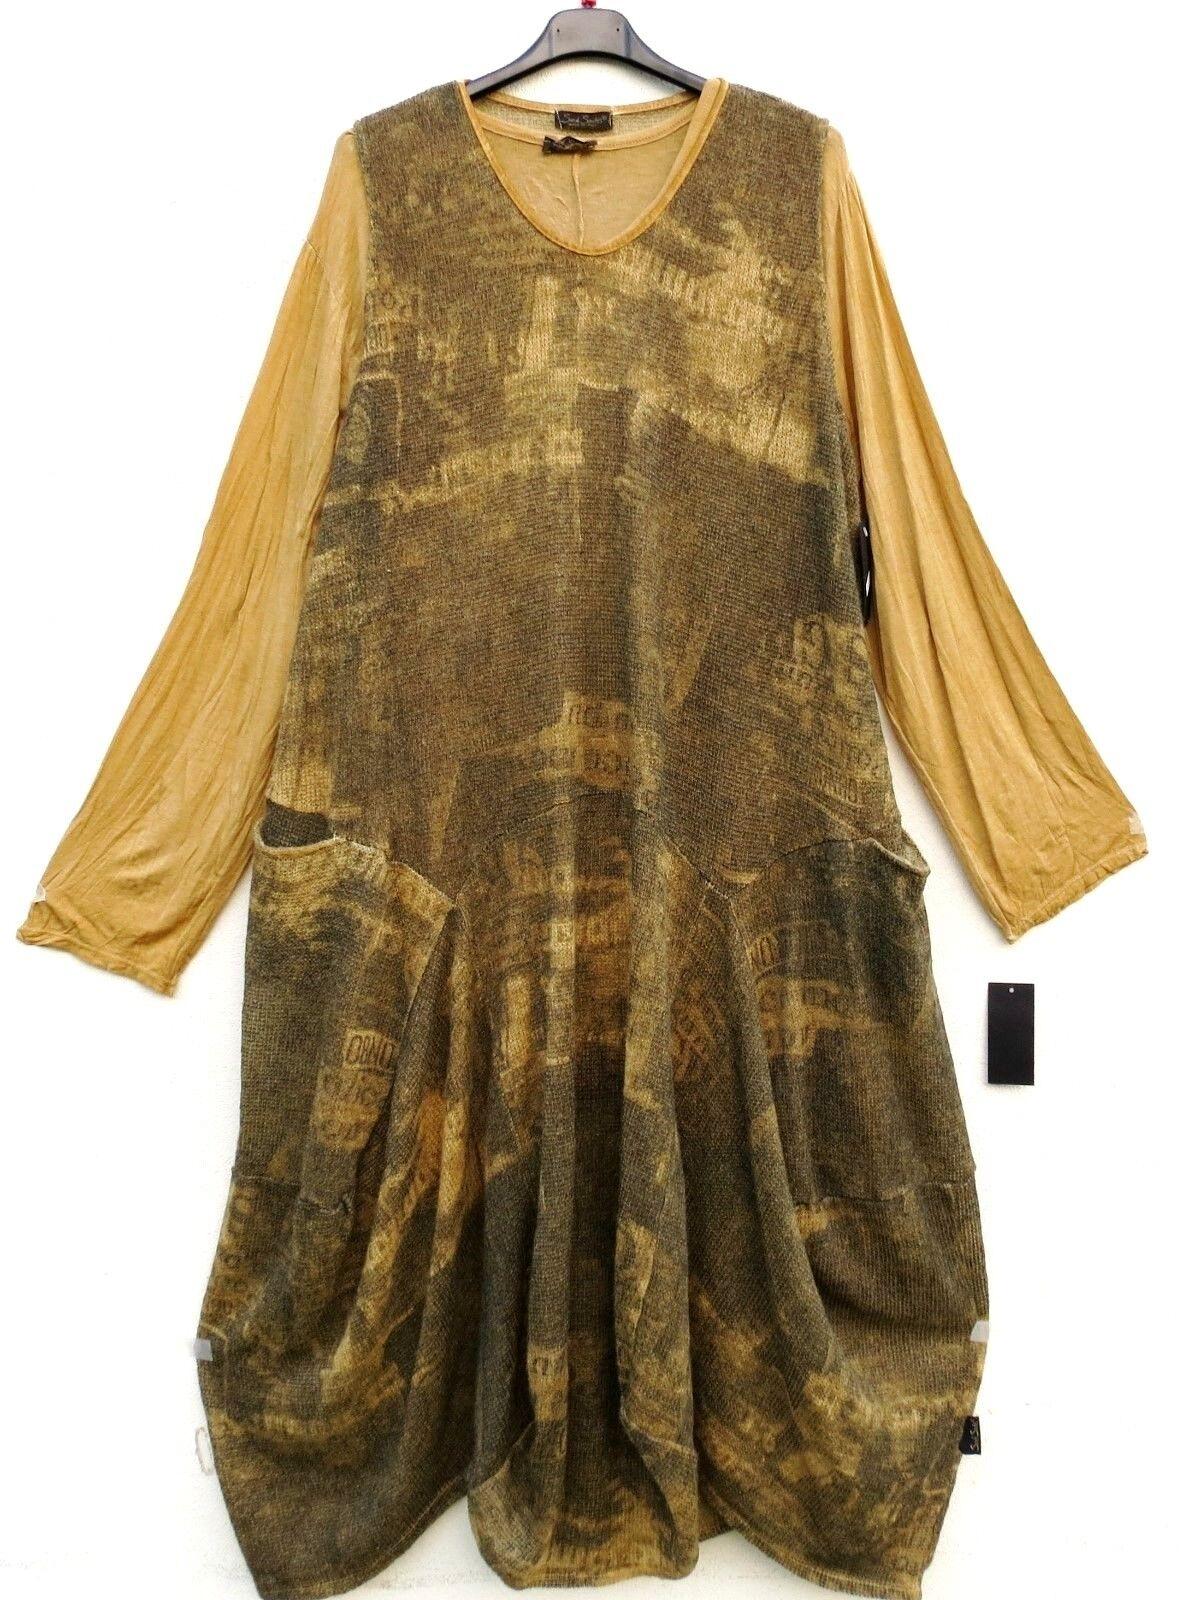 NUOVO Sarah Santos abito a a a Maglia Abito Palloncino vestito robe dress XXL 52 54 Lagenlook  c13468